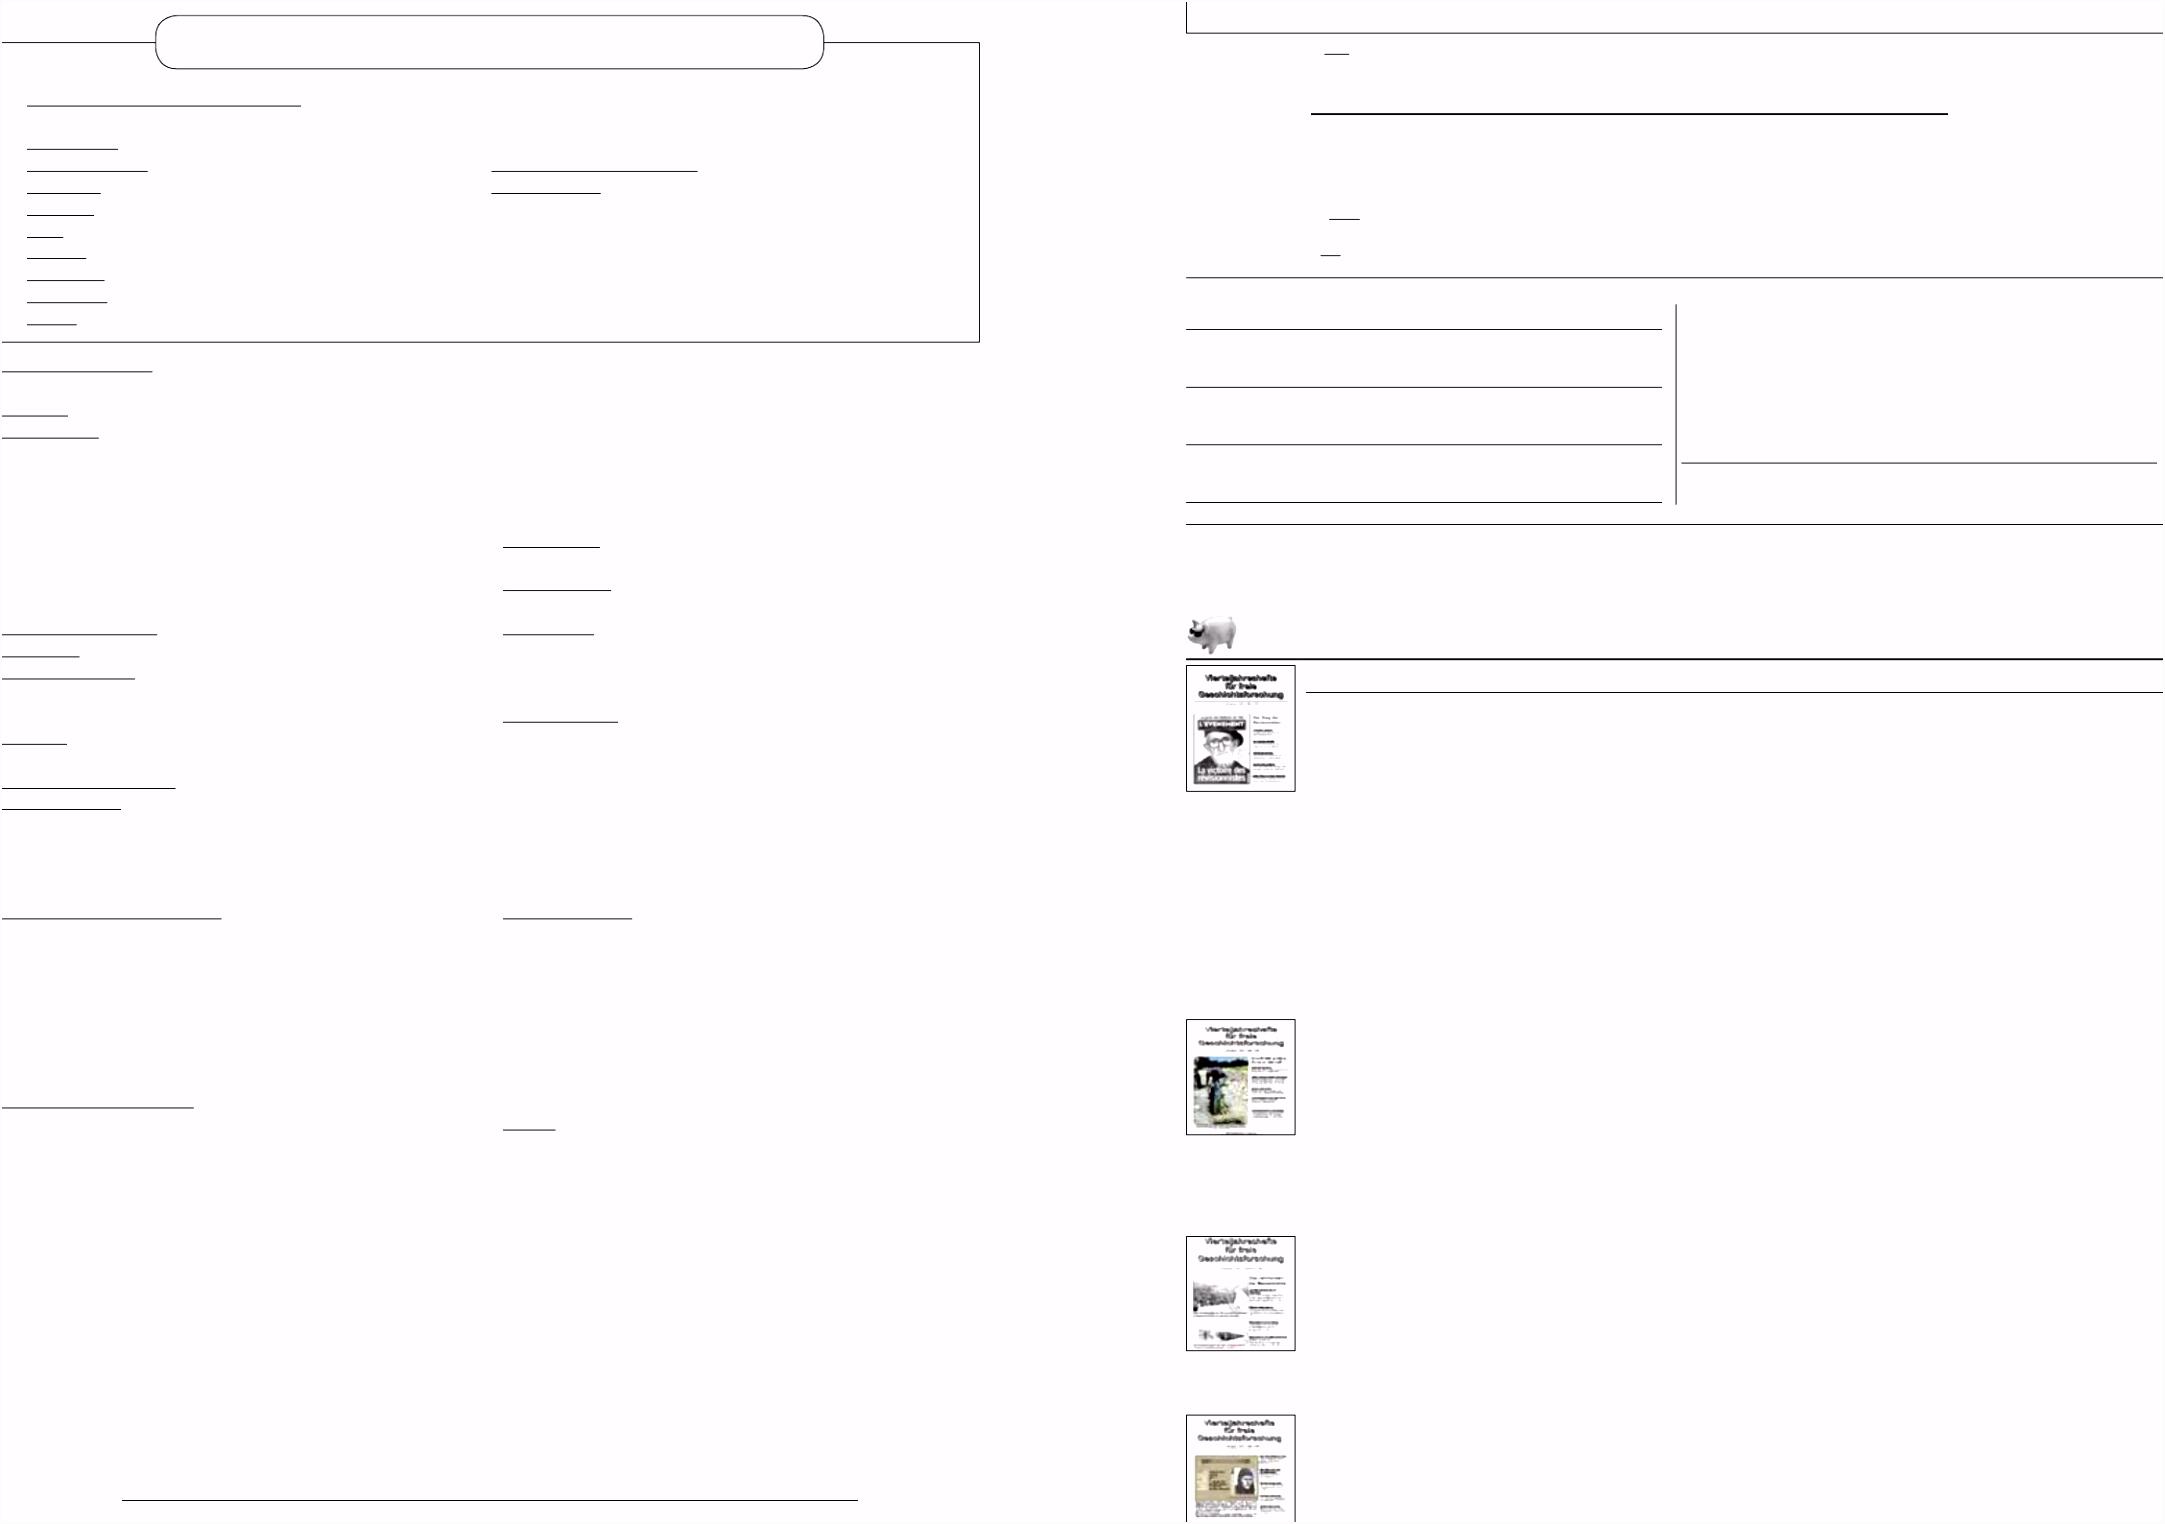 Kassenbuch Verein Excel – tommyhilfigercanada